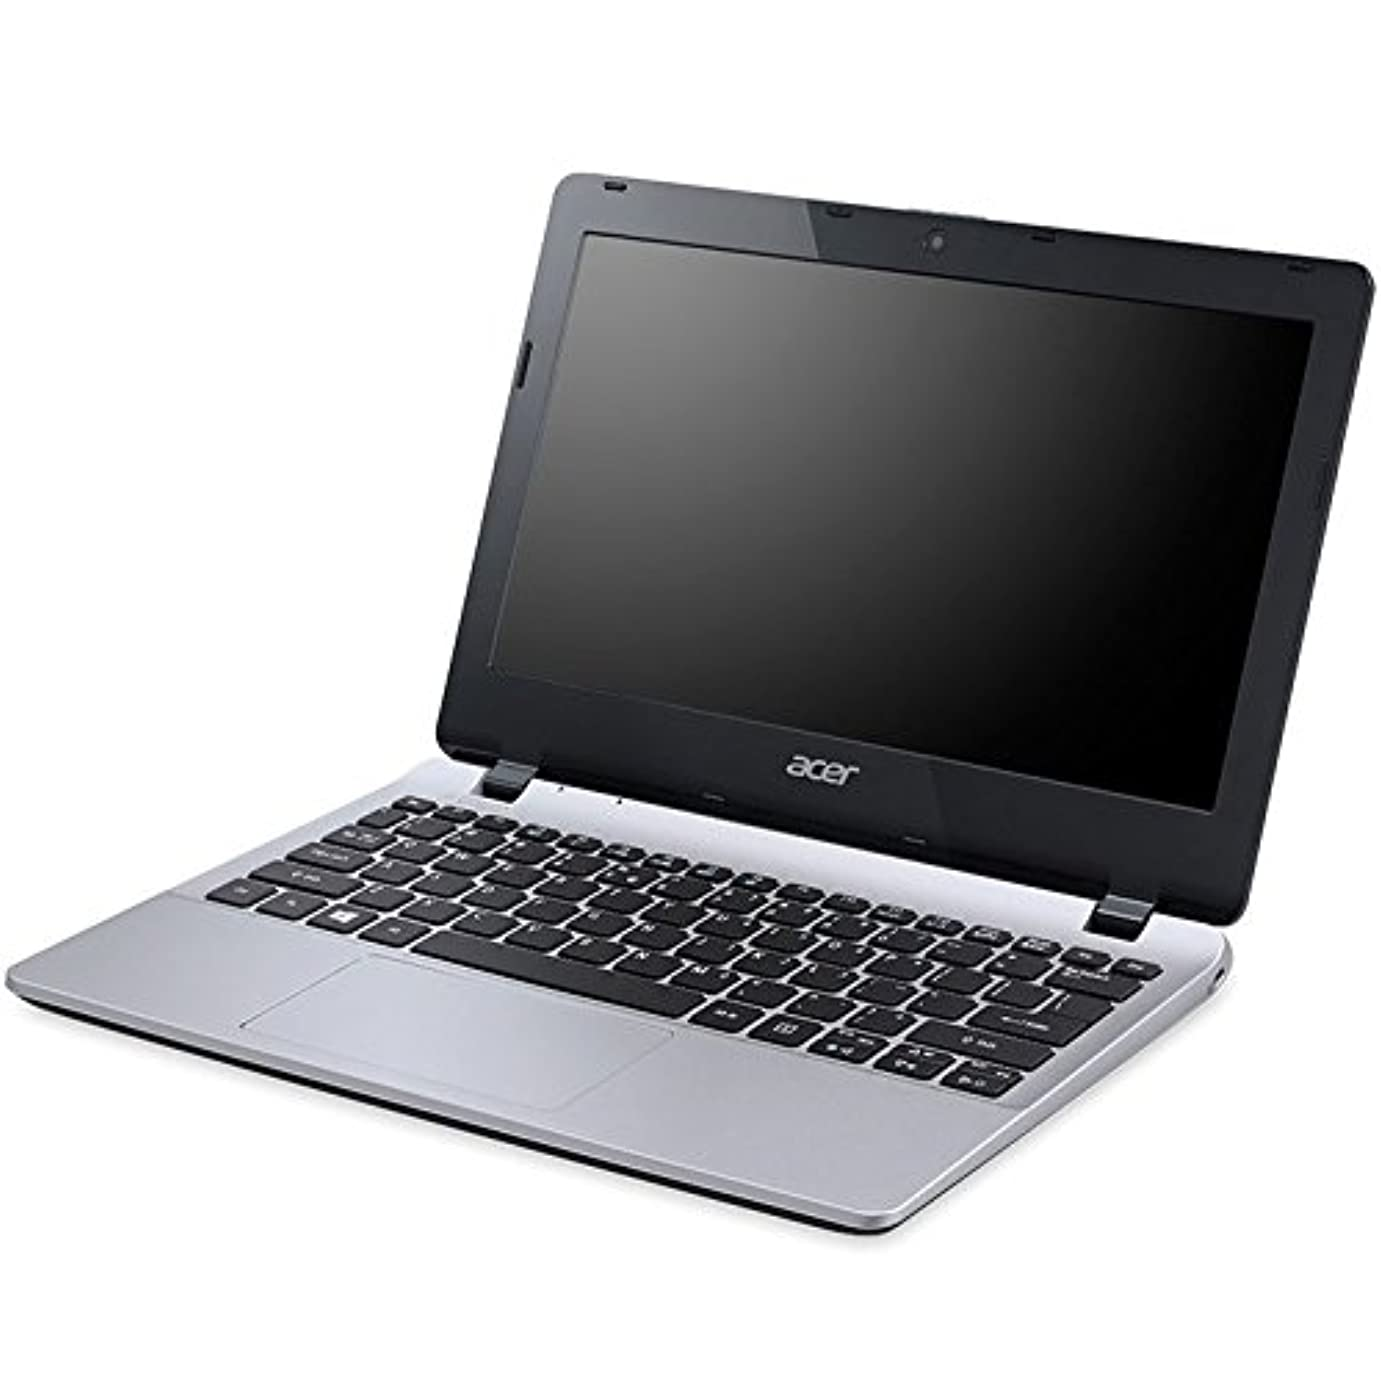 十分ではない終わらせる不潔Acer インテルCeleron N2830プロセッサー搭載ノートパソコン Aspire E11 E3-111-A14D/S